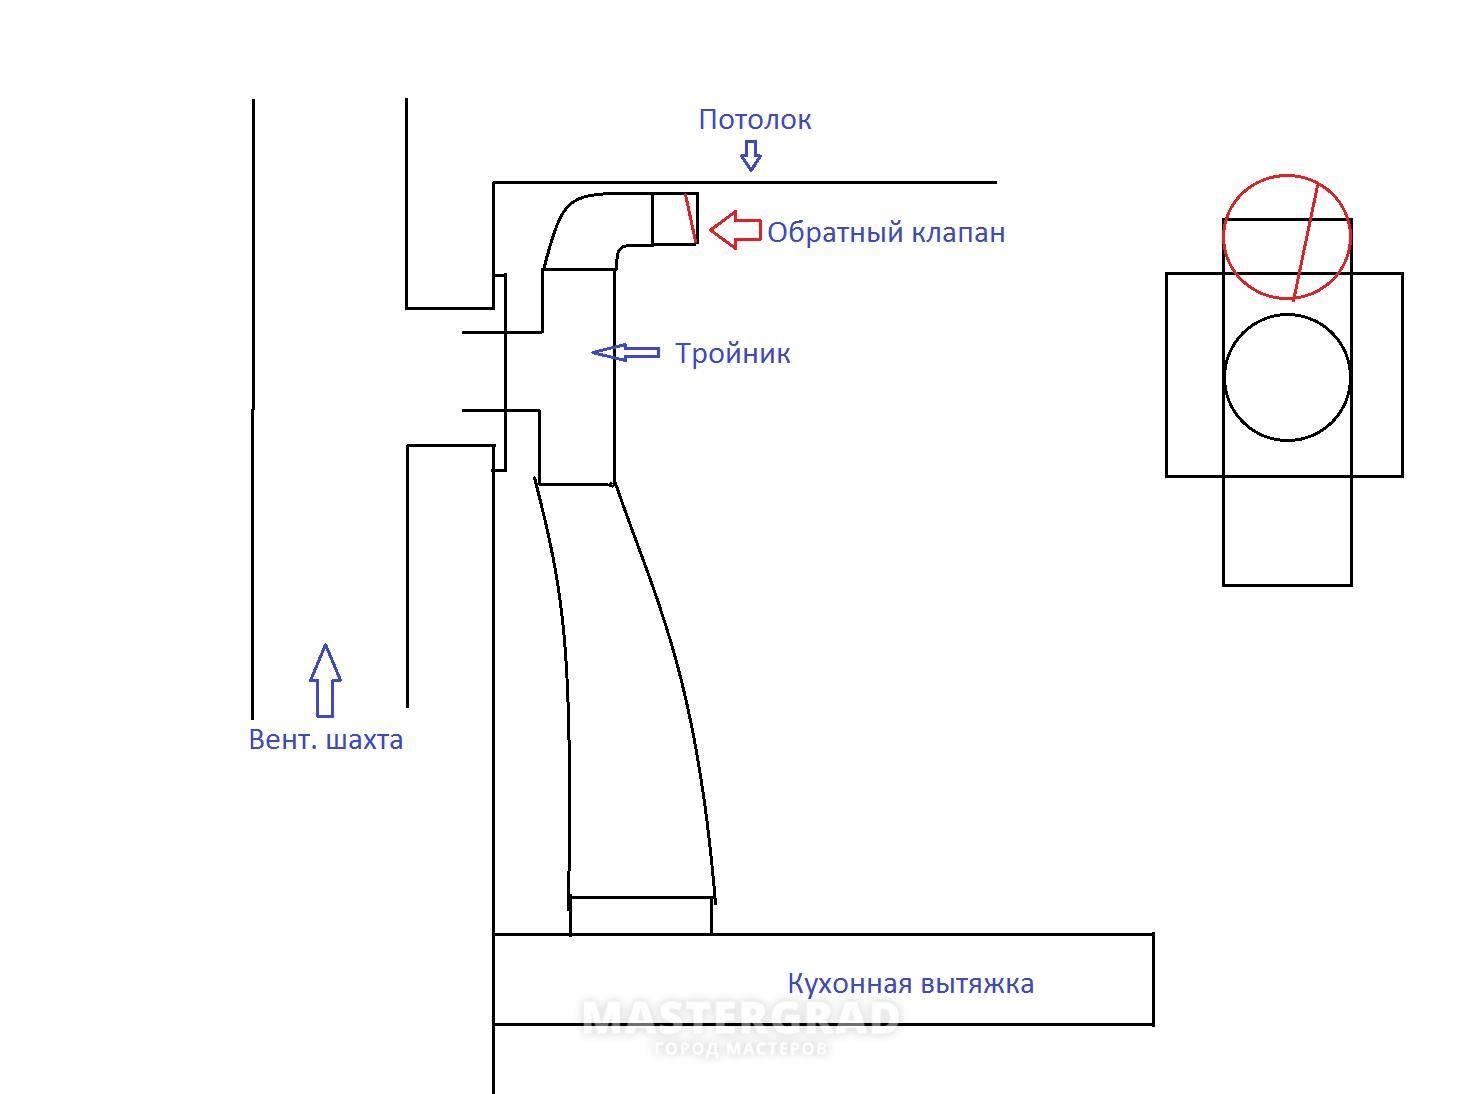 Приточный клапан в стену, вентиляционный клапан с рекуперацией